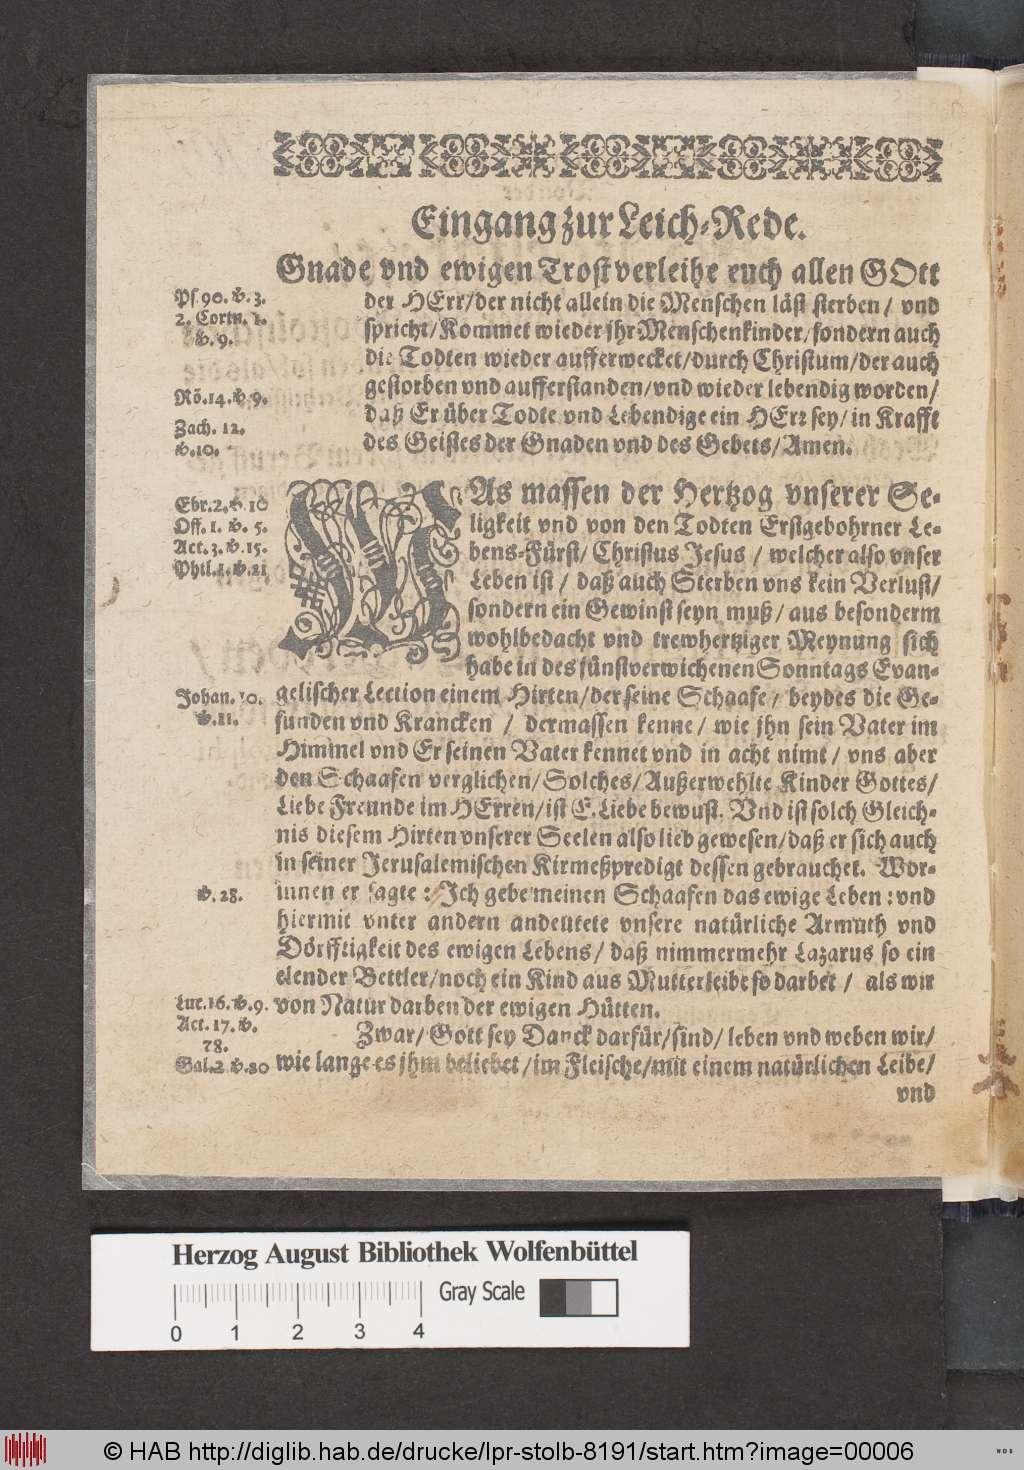 http://diglib.hab.de/drucke/lpr-stolb-8191/00006.jpg